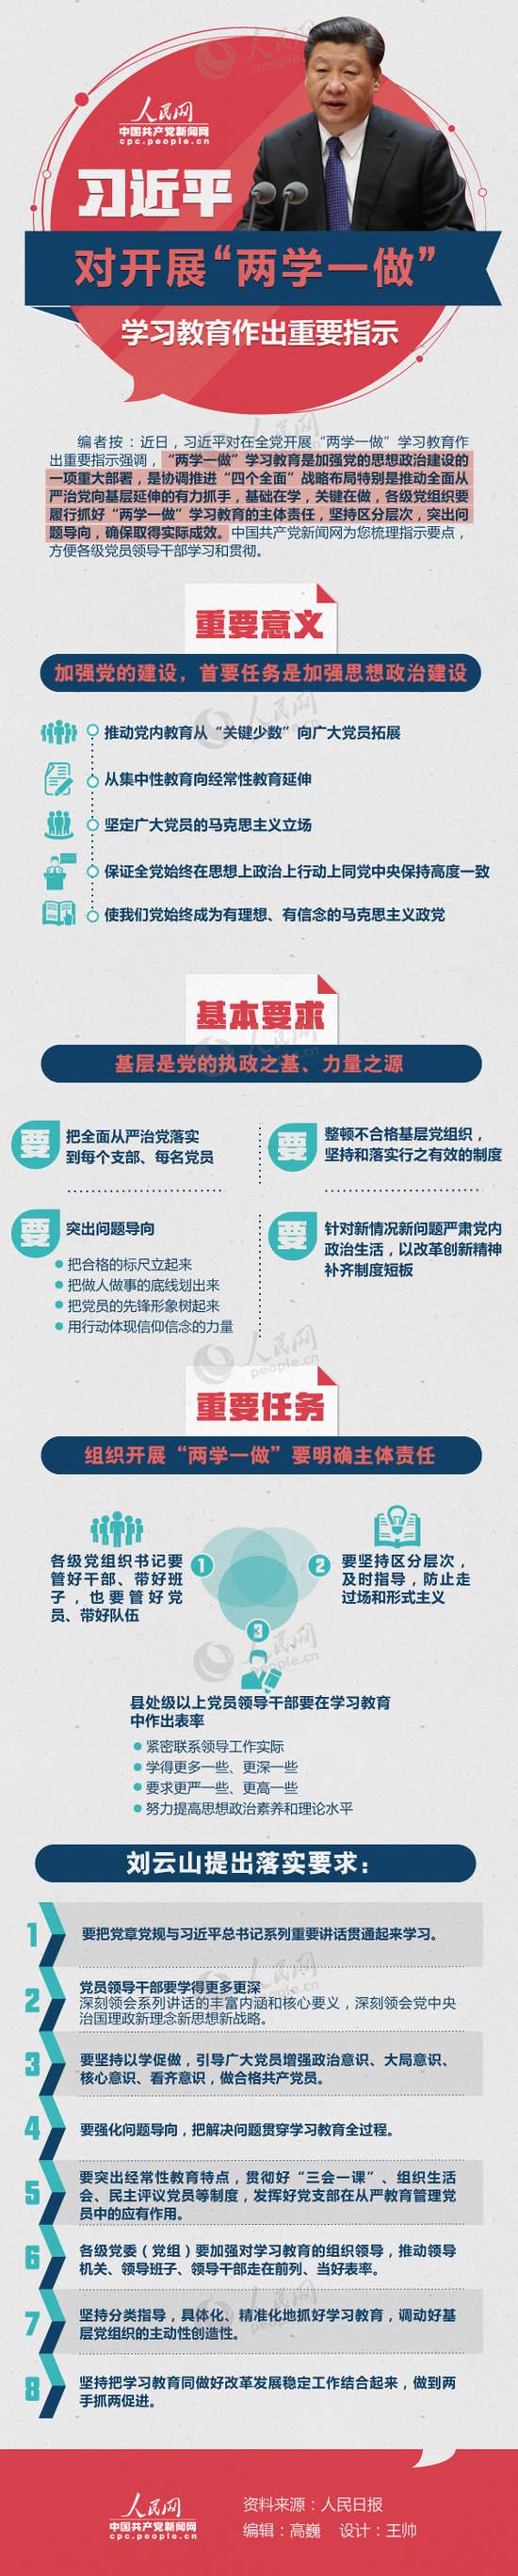 """任何媒介转载须注明来源:""""中国共产党新闻网学习微平台(cpcnews)"""",否则追究法律责任。"""